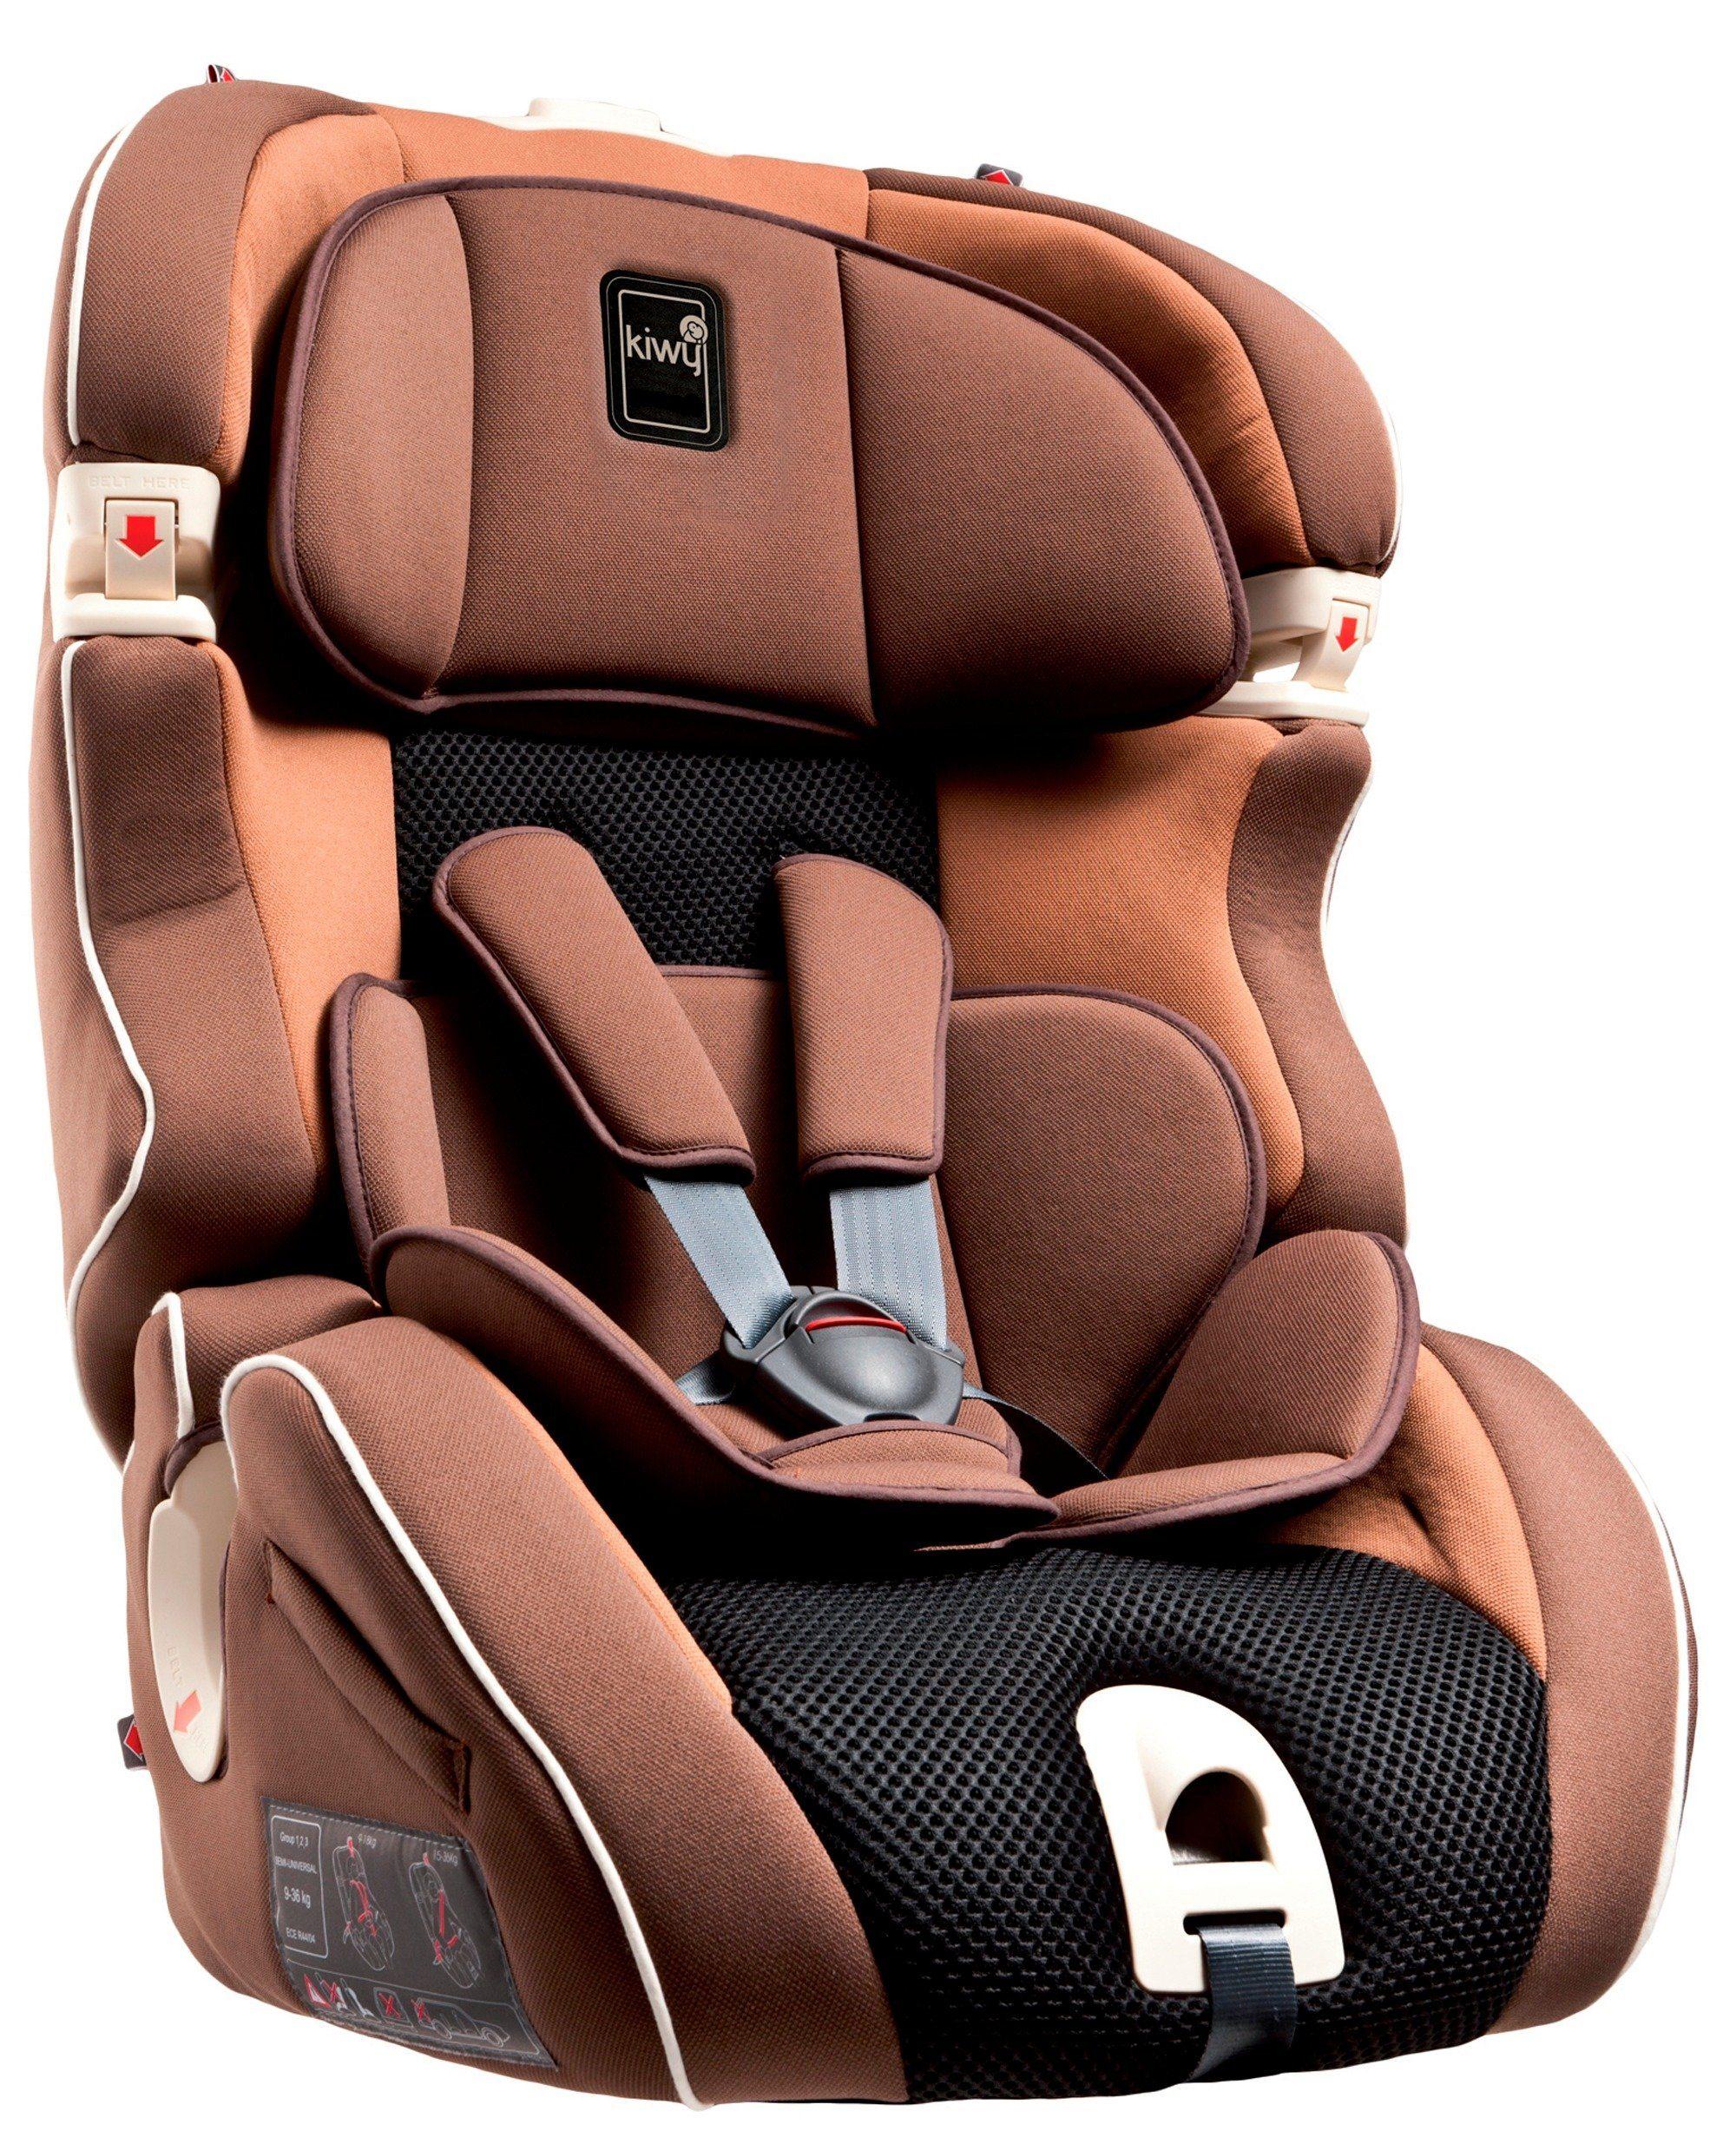 Kindersitz »SL123 Universal«, 9 - 36 kg, mit Sitzverkleinerung